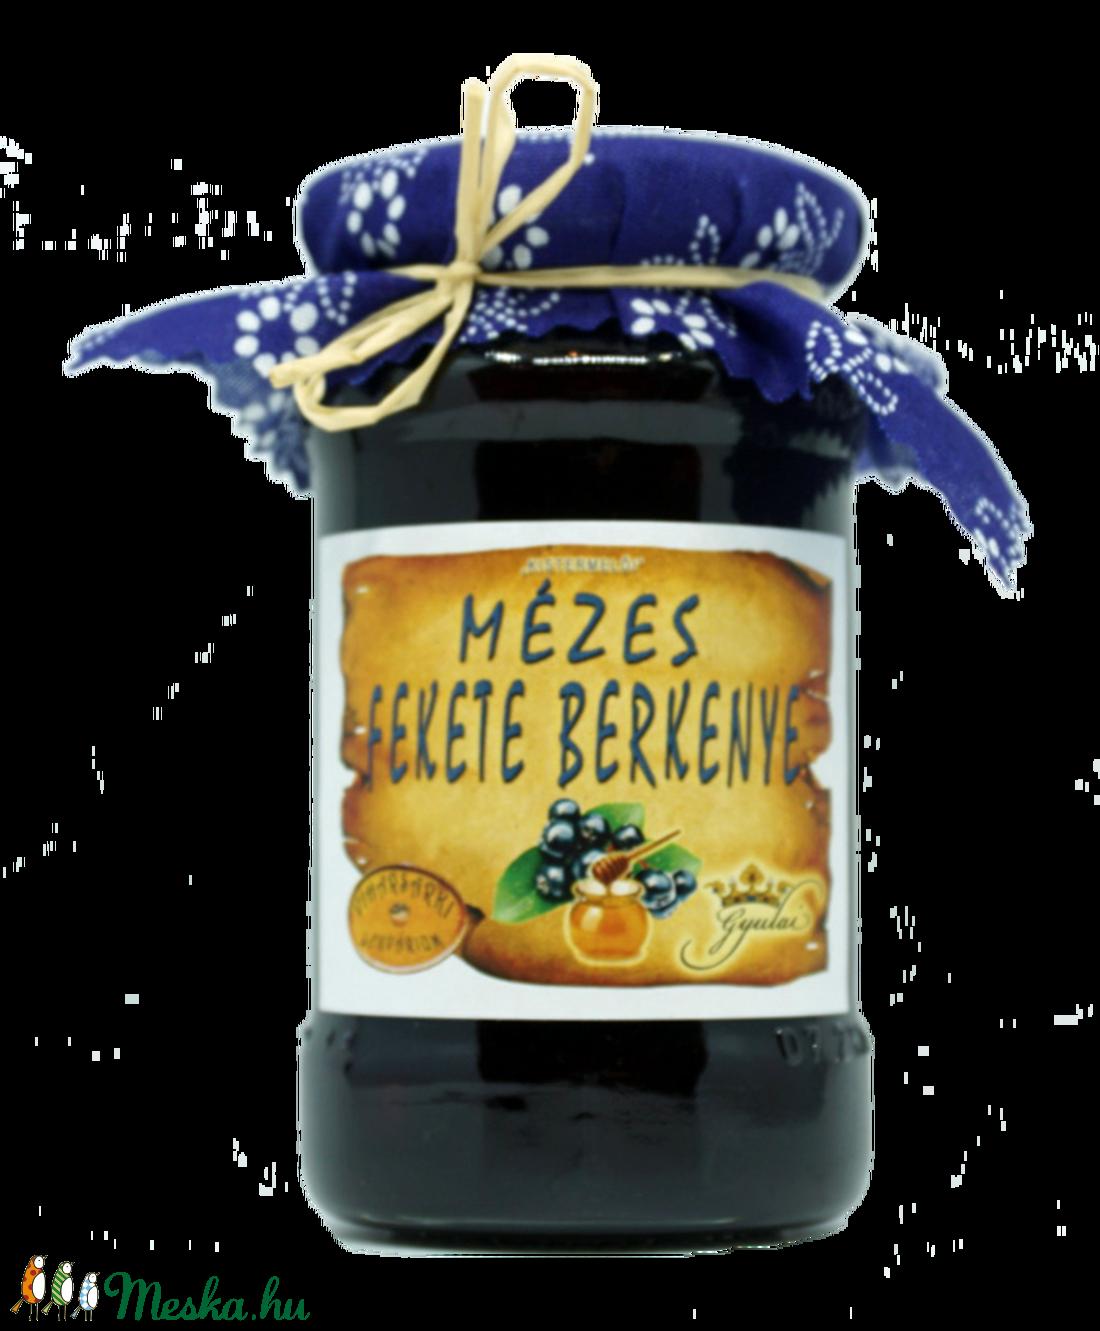 Mézes fekete berkenye (viharsarkilekvariu) - Meska.hu